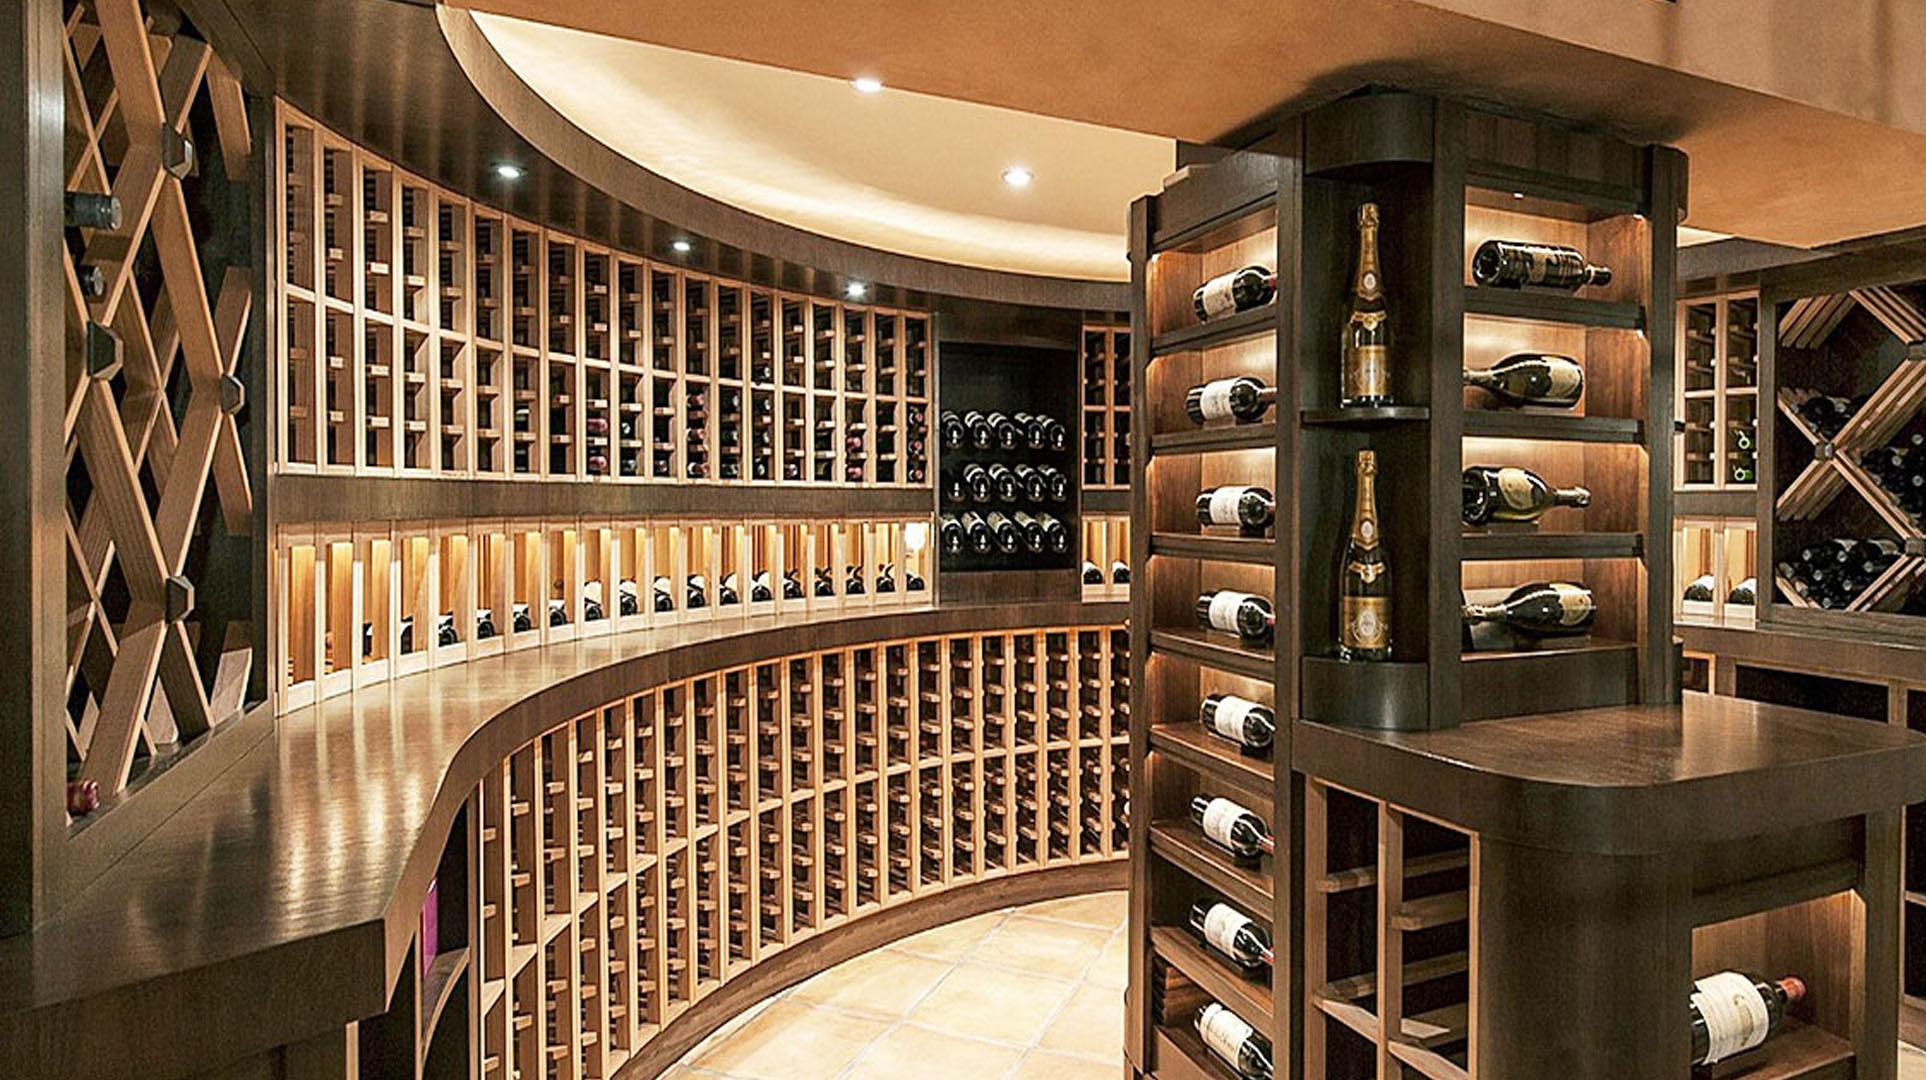 Cava de vinos a medida comprar vinotecas online caveplus - Cavas de vinos para casa ...